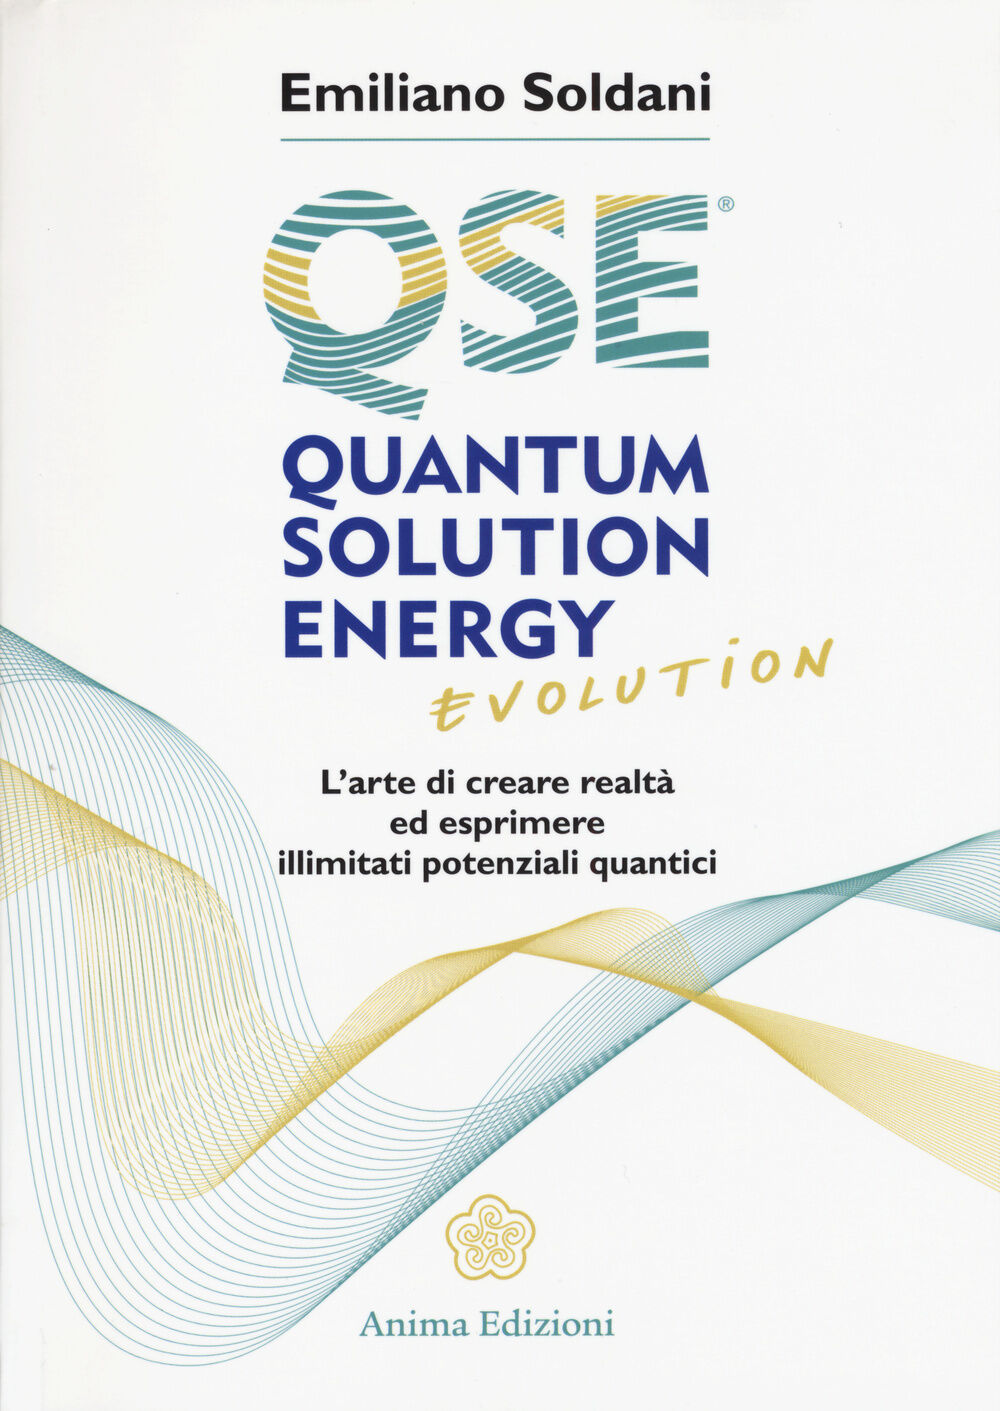 Quantum solution energy evolution. L'arte di creare realtà ed esprimere illimitati potenziali quantici